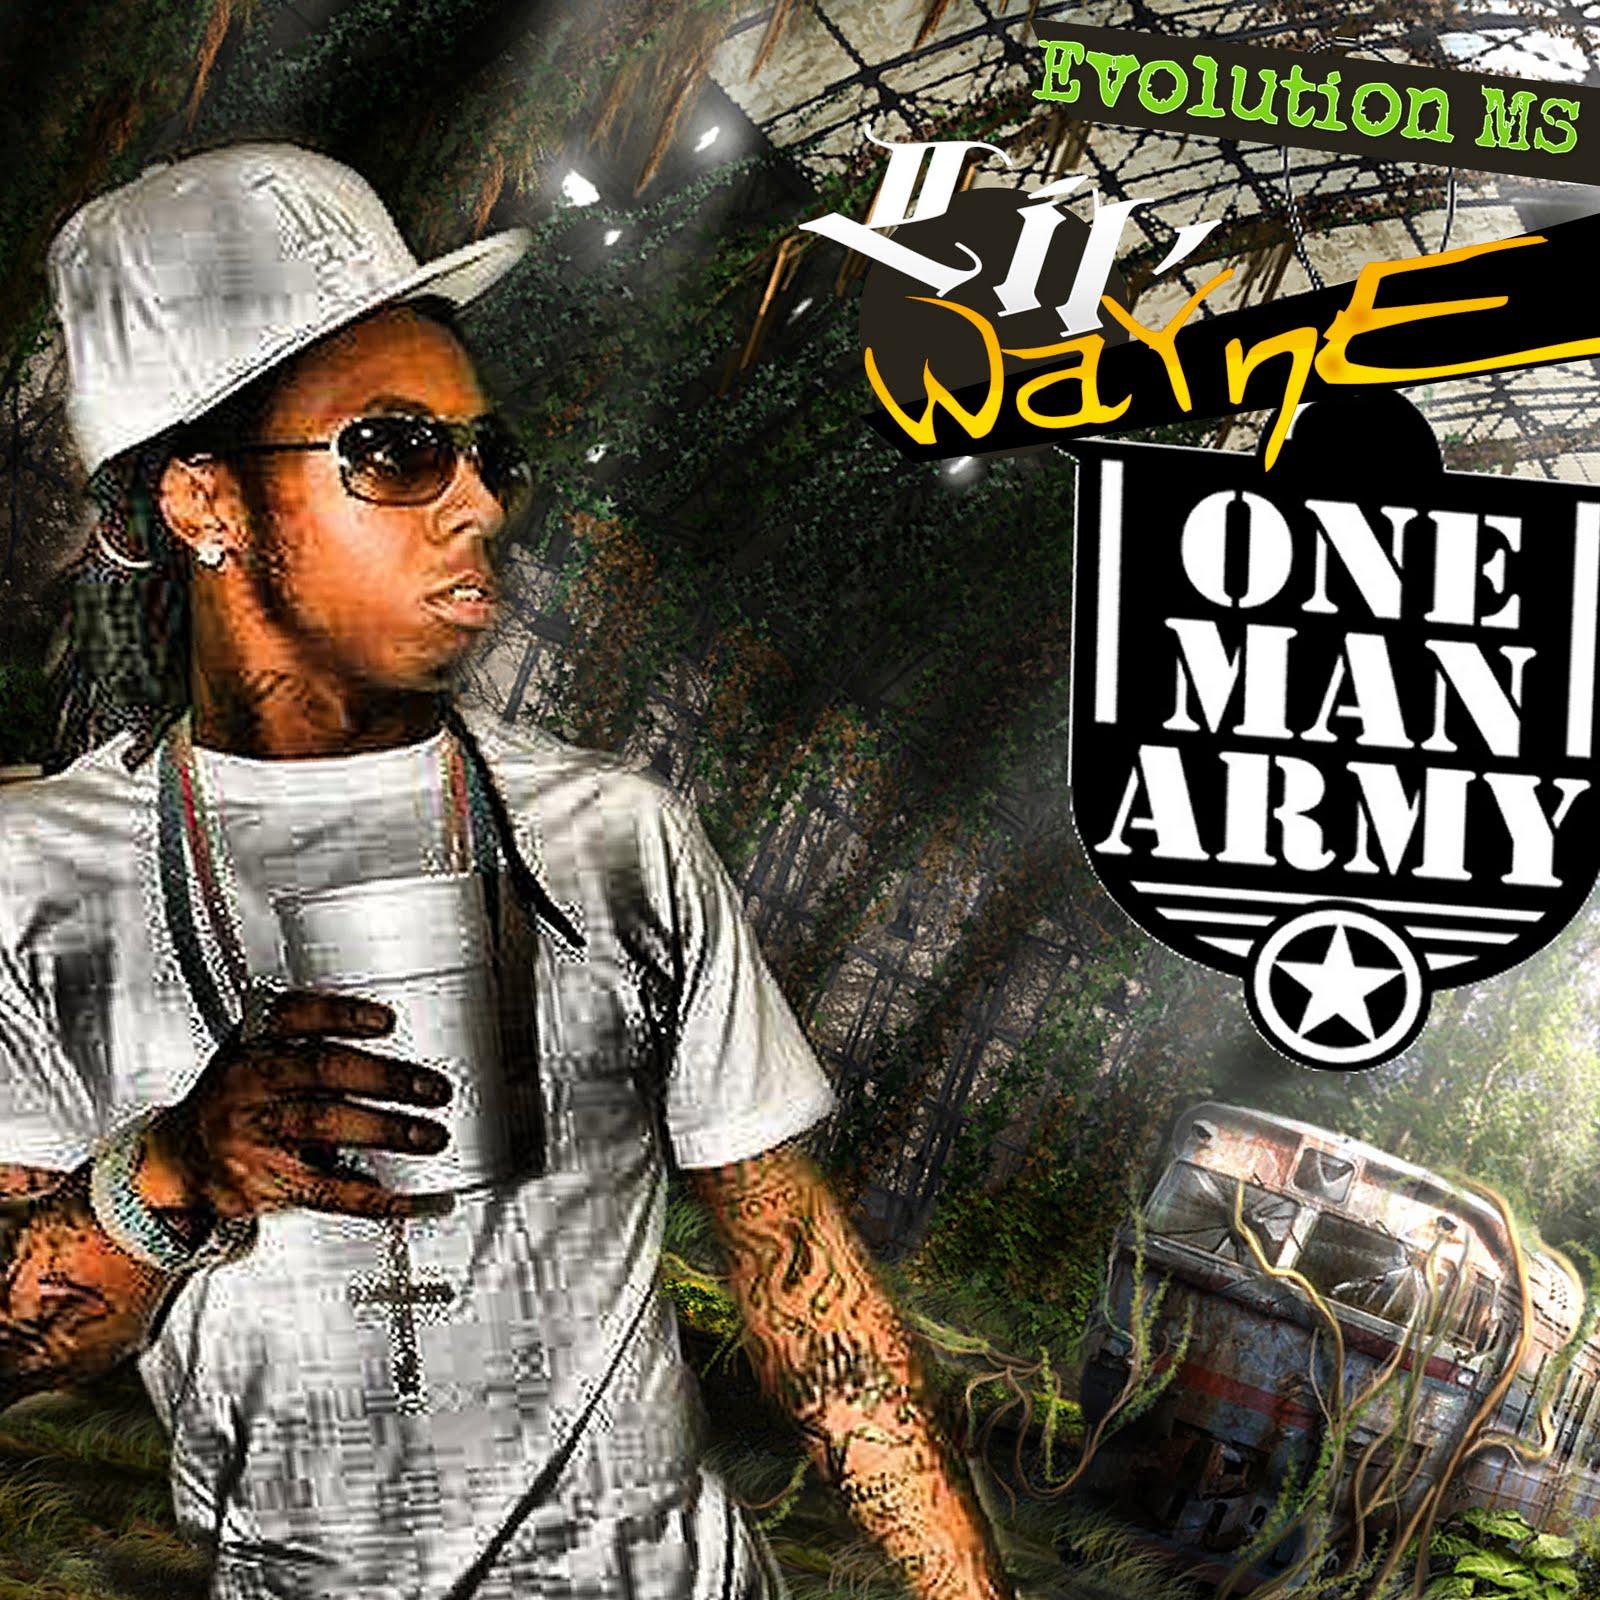 mixtape album cover